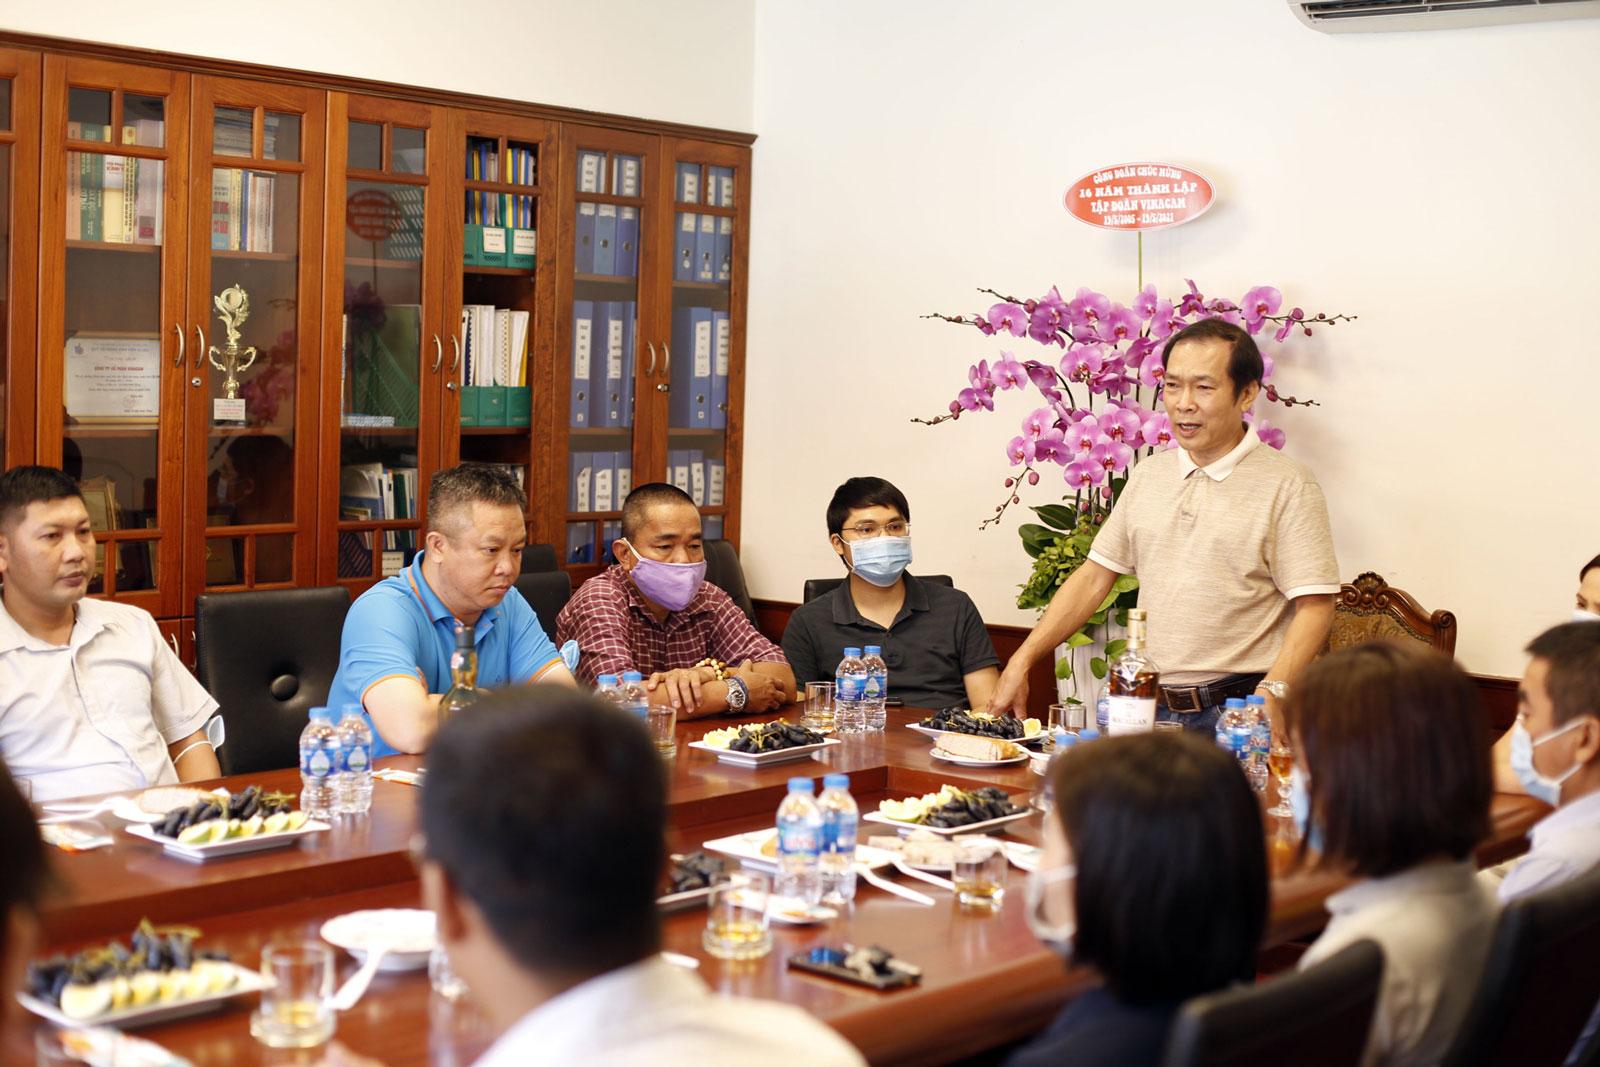 Ông Vũ Duy Hải - Chủ tịch HĐQT kiêm Tổng giám đốc Vinacam